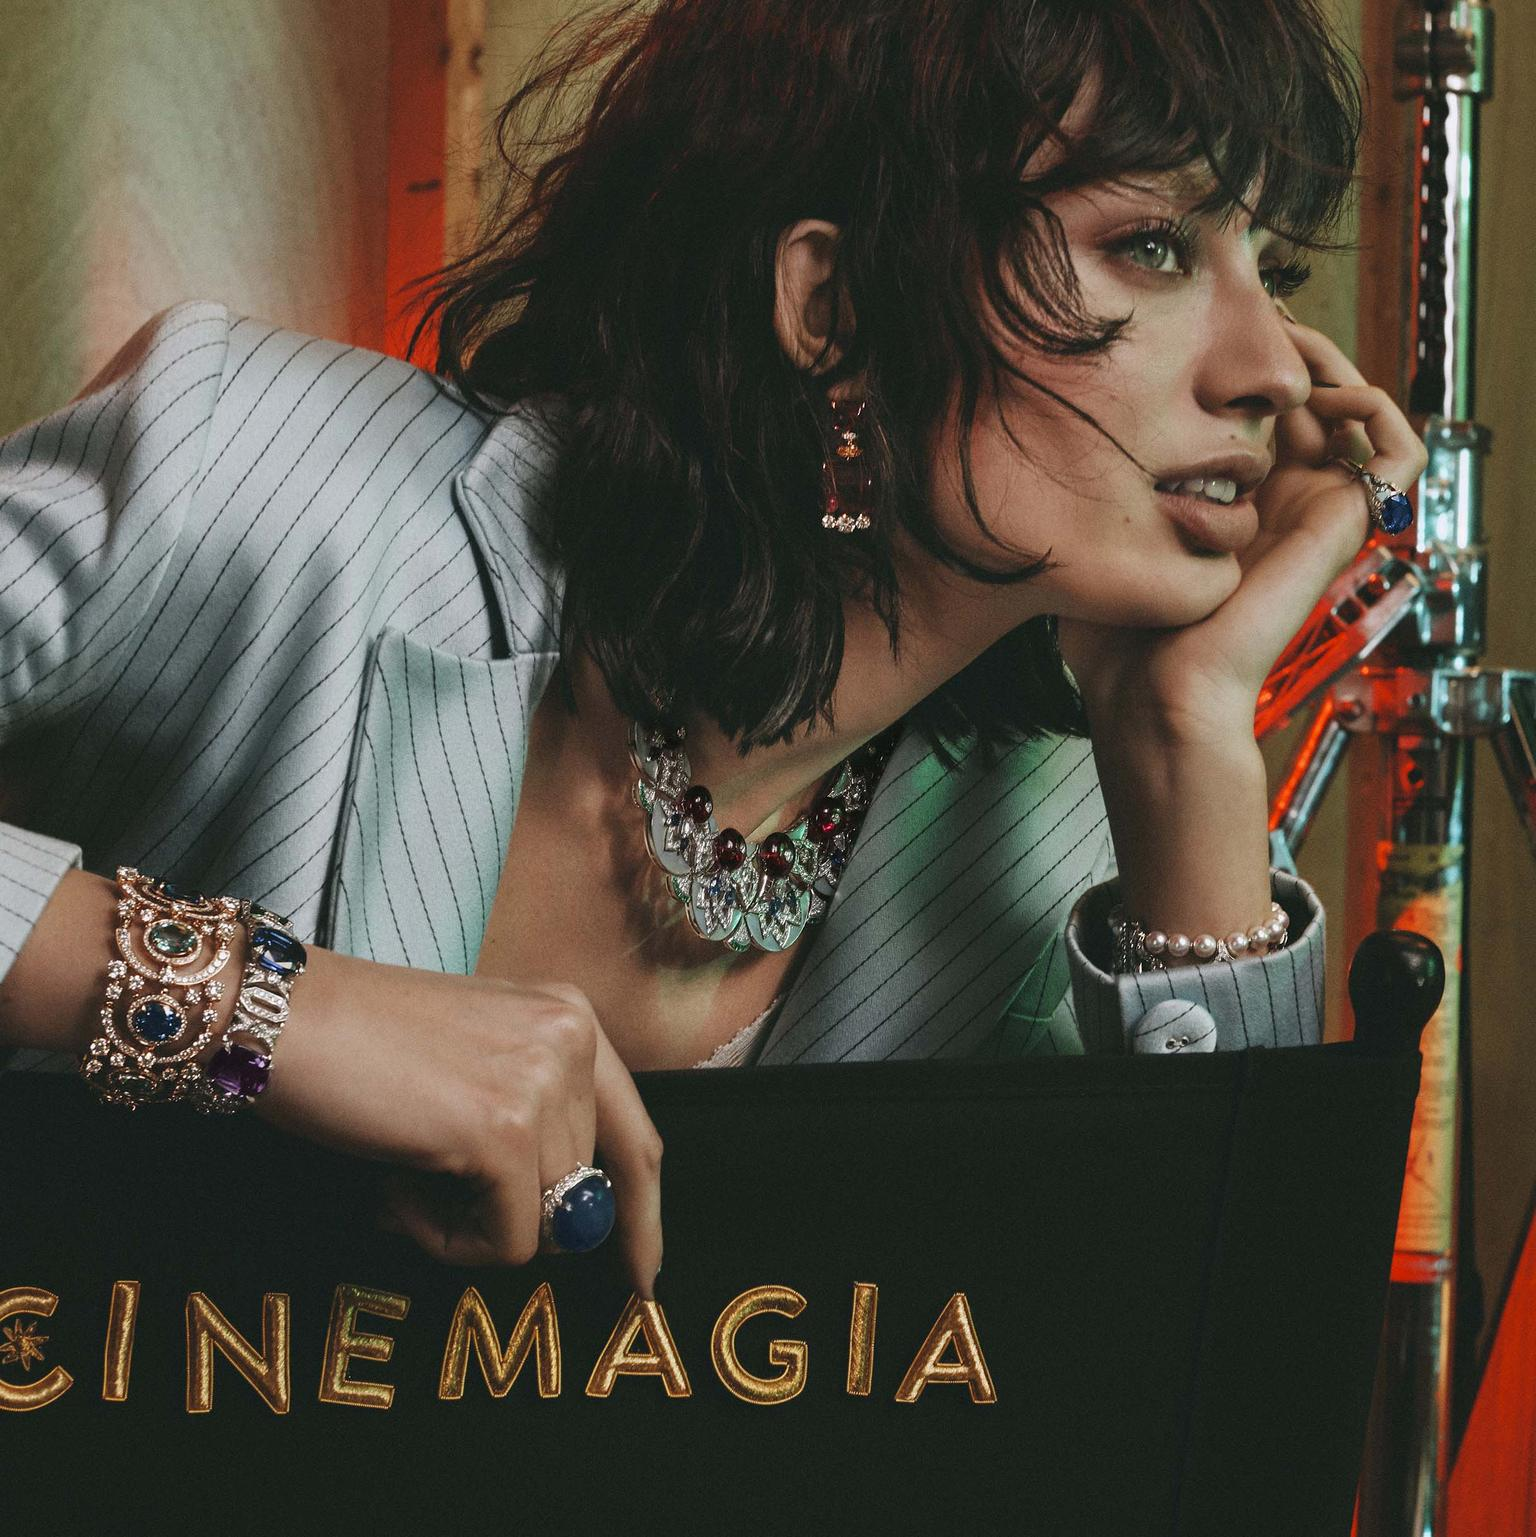 Cinemagia Diva